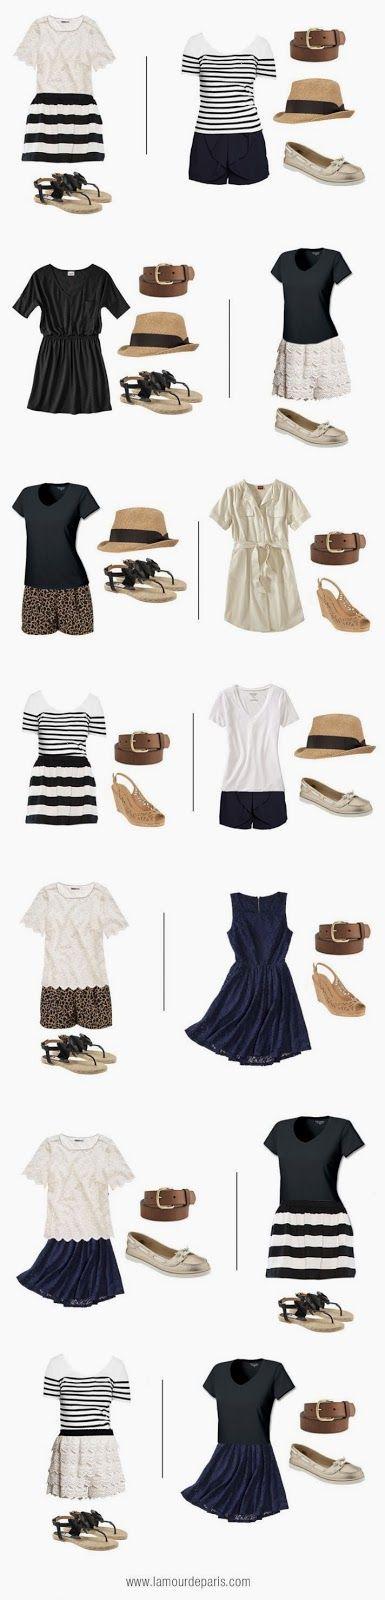 ღ♥♥ღ Fashion Is Life ღ♥♥ღ: Complete Outfit for your Vocation